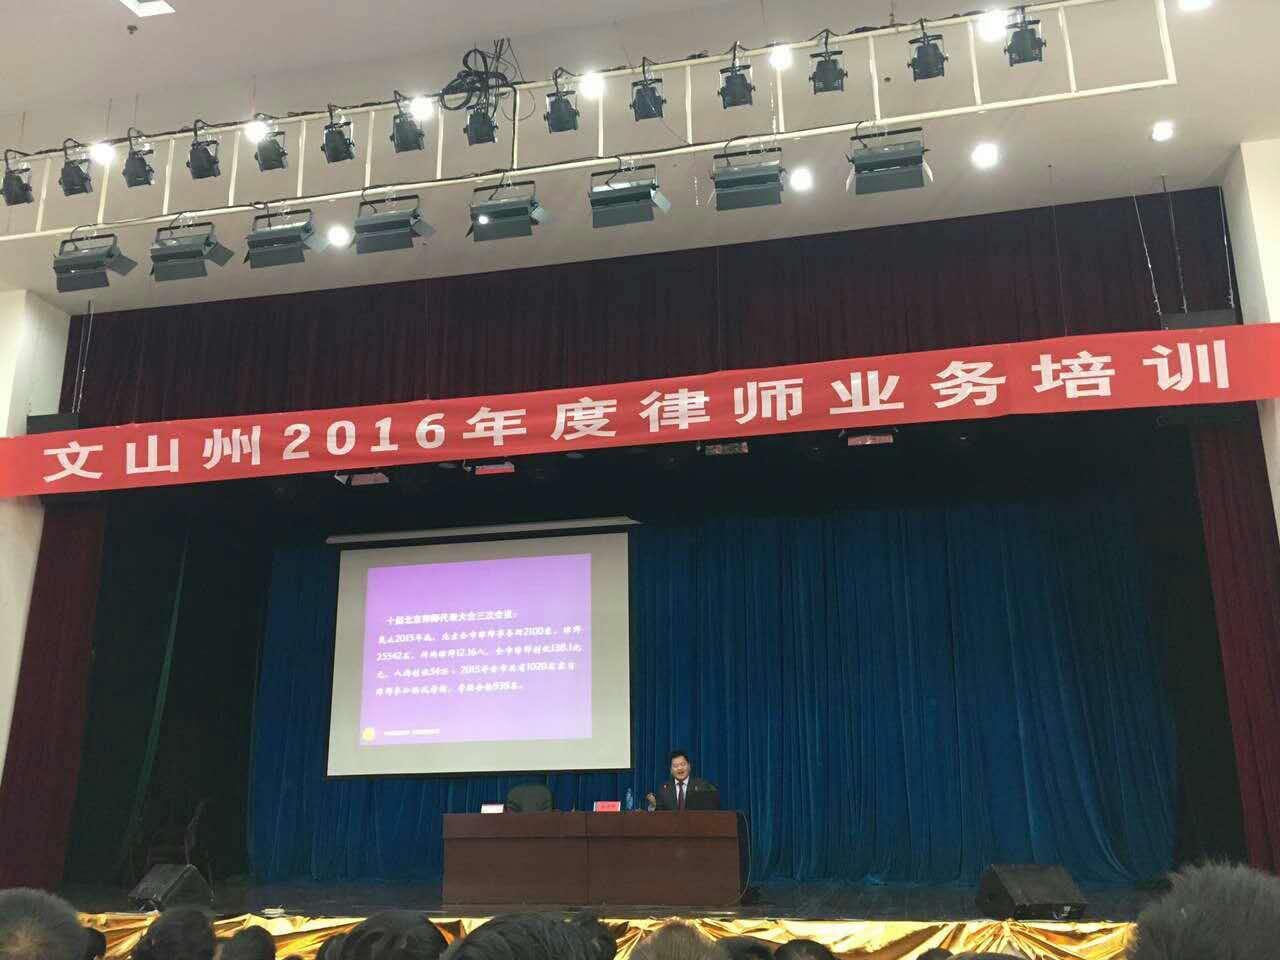 孙中伟律师受聘为云南省文山州律师年度大培训授课